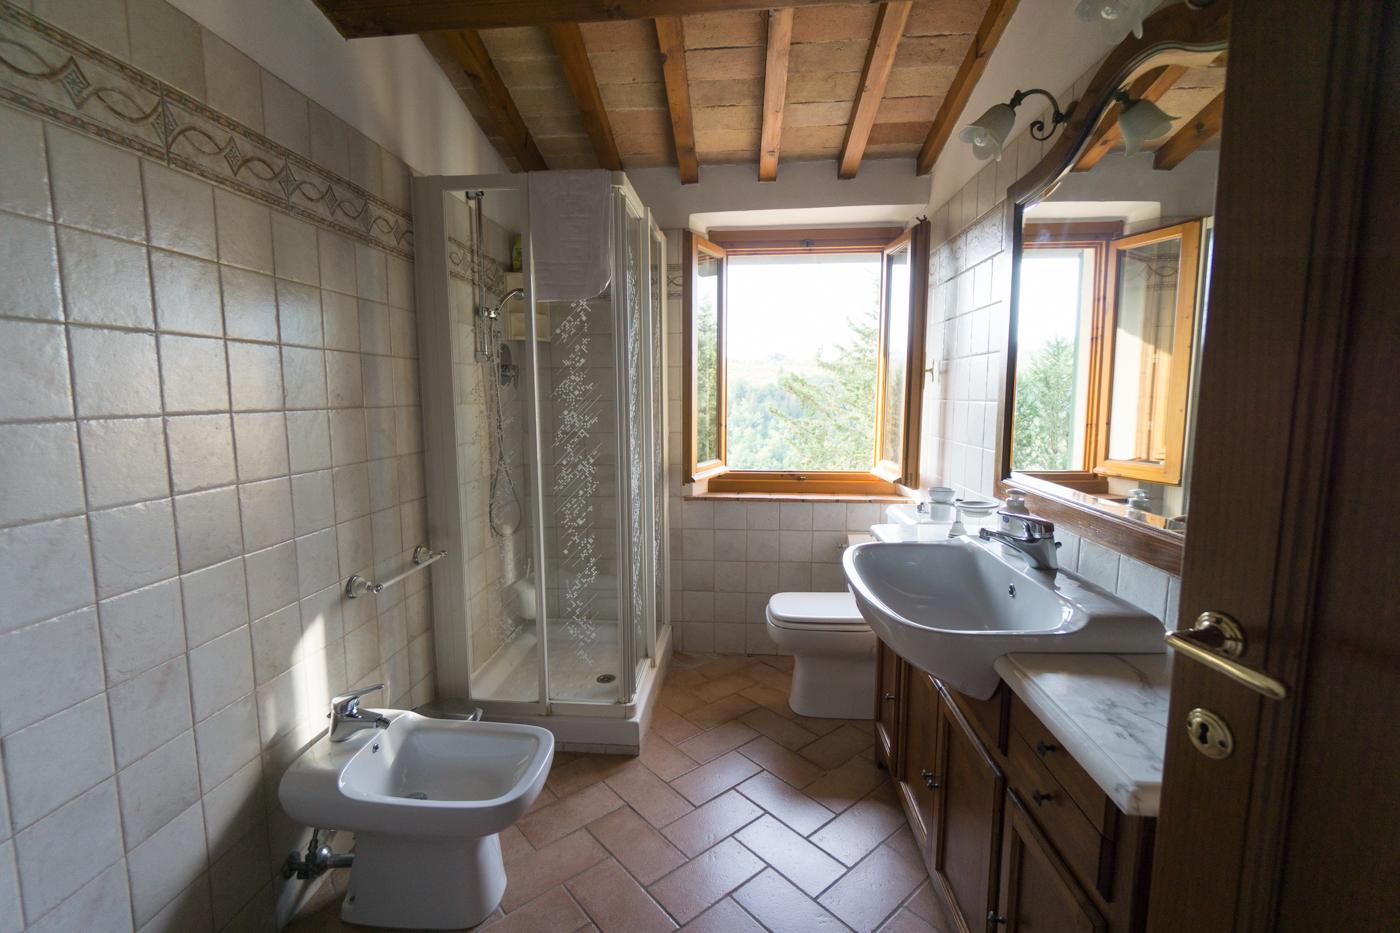 Salle de bain de l'agrotourisme Caslta di Sotto